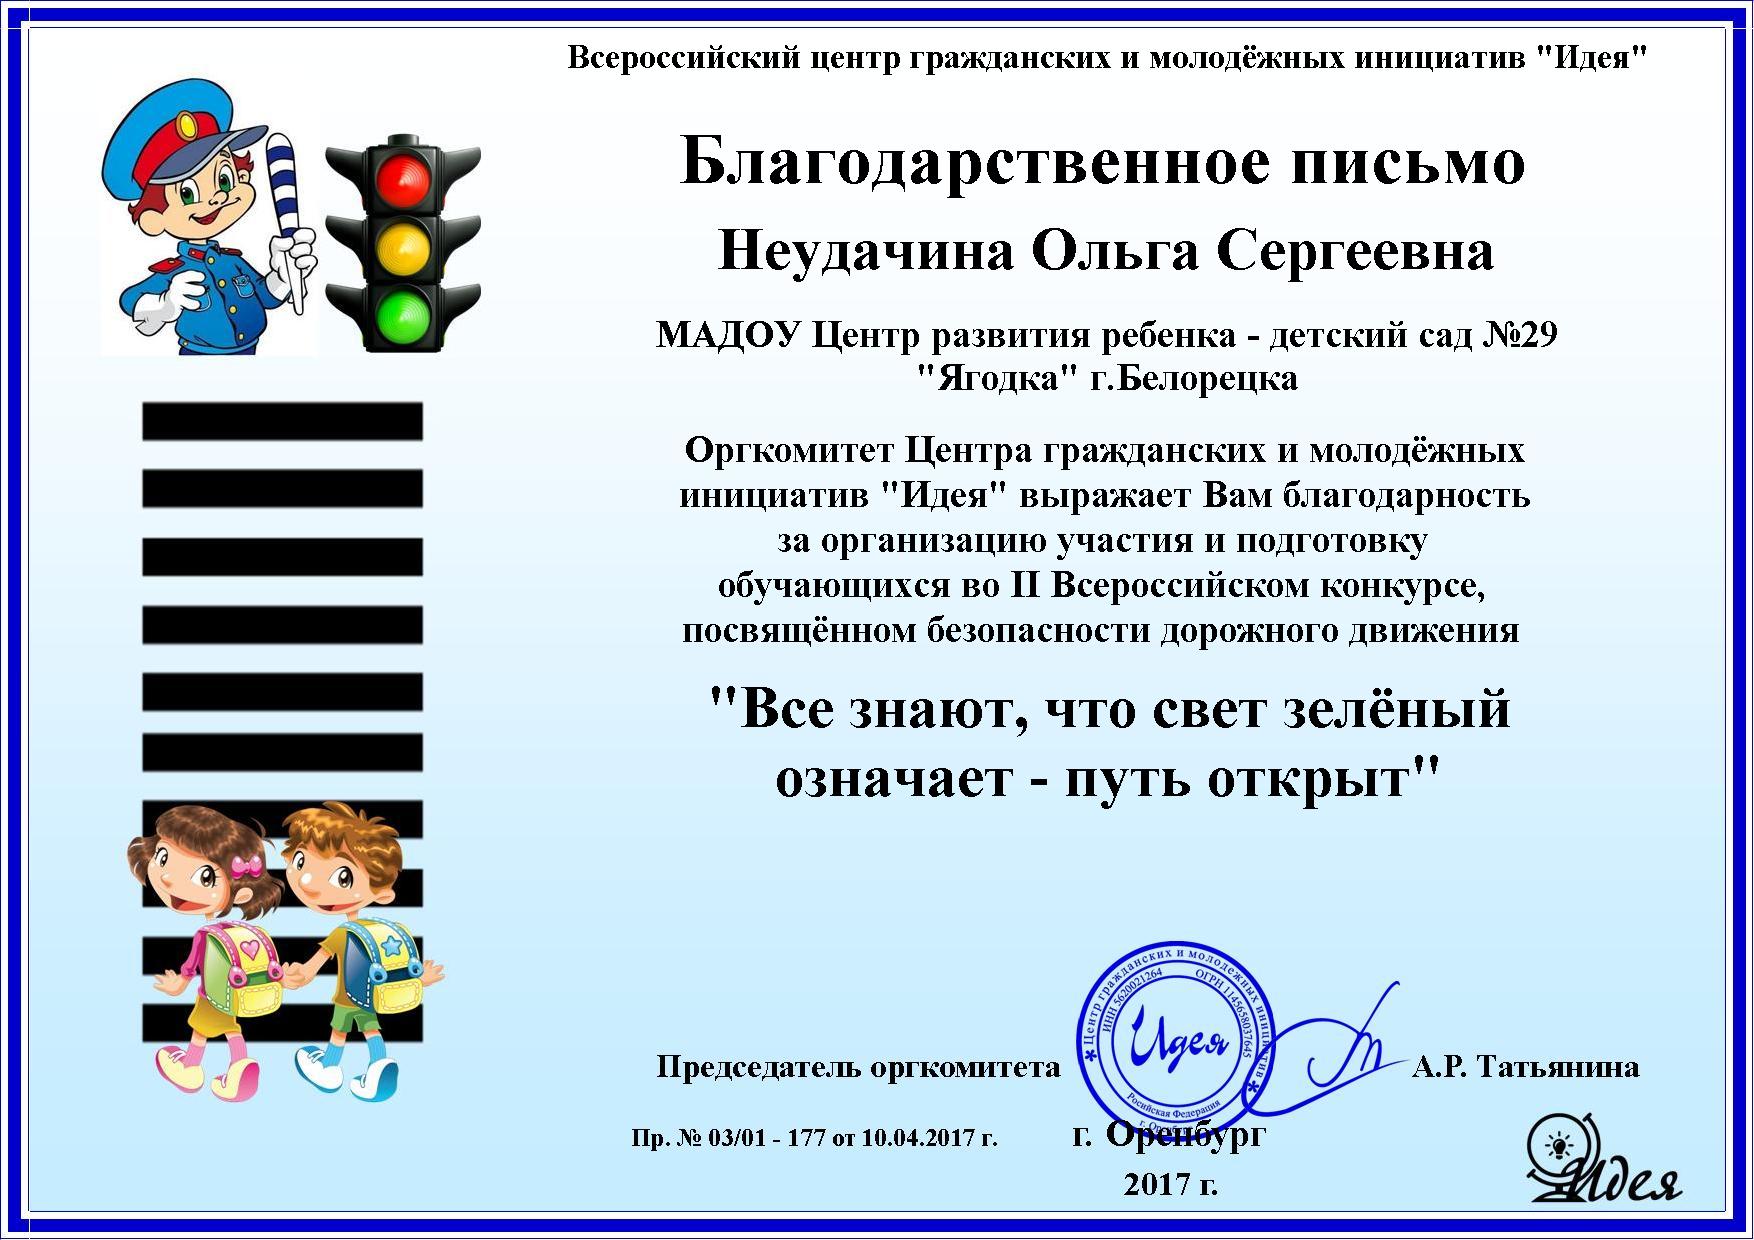 Неудачина Ольга Сергеевна(1)